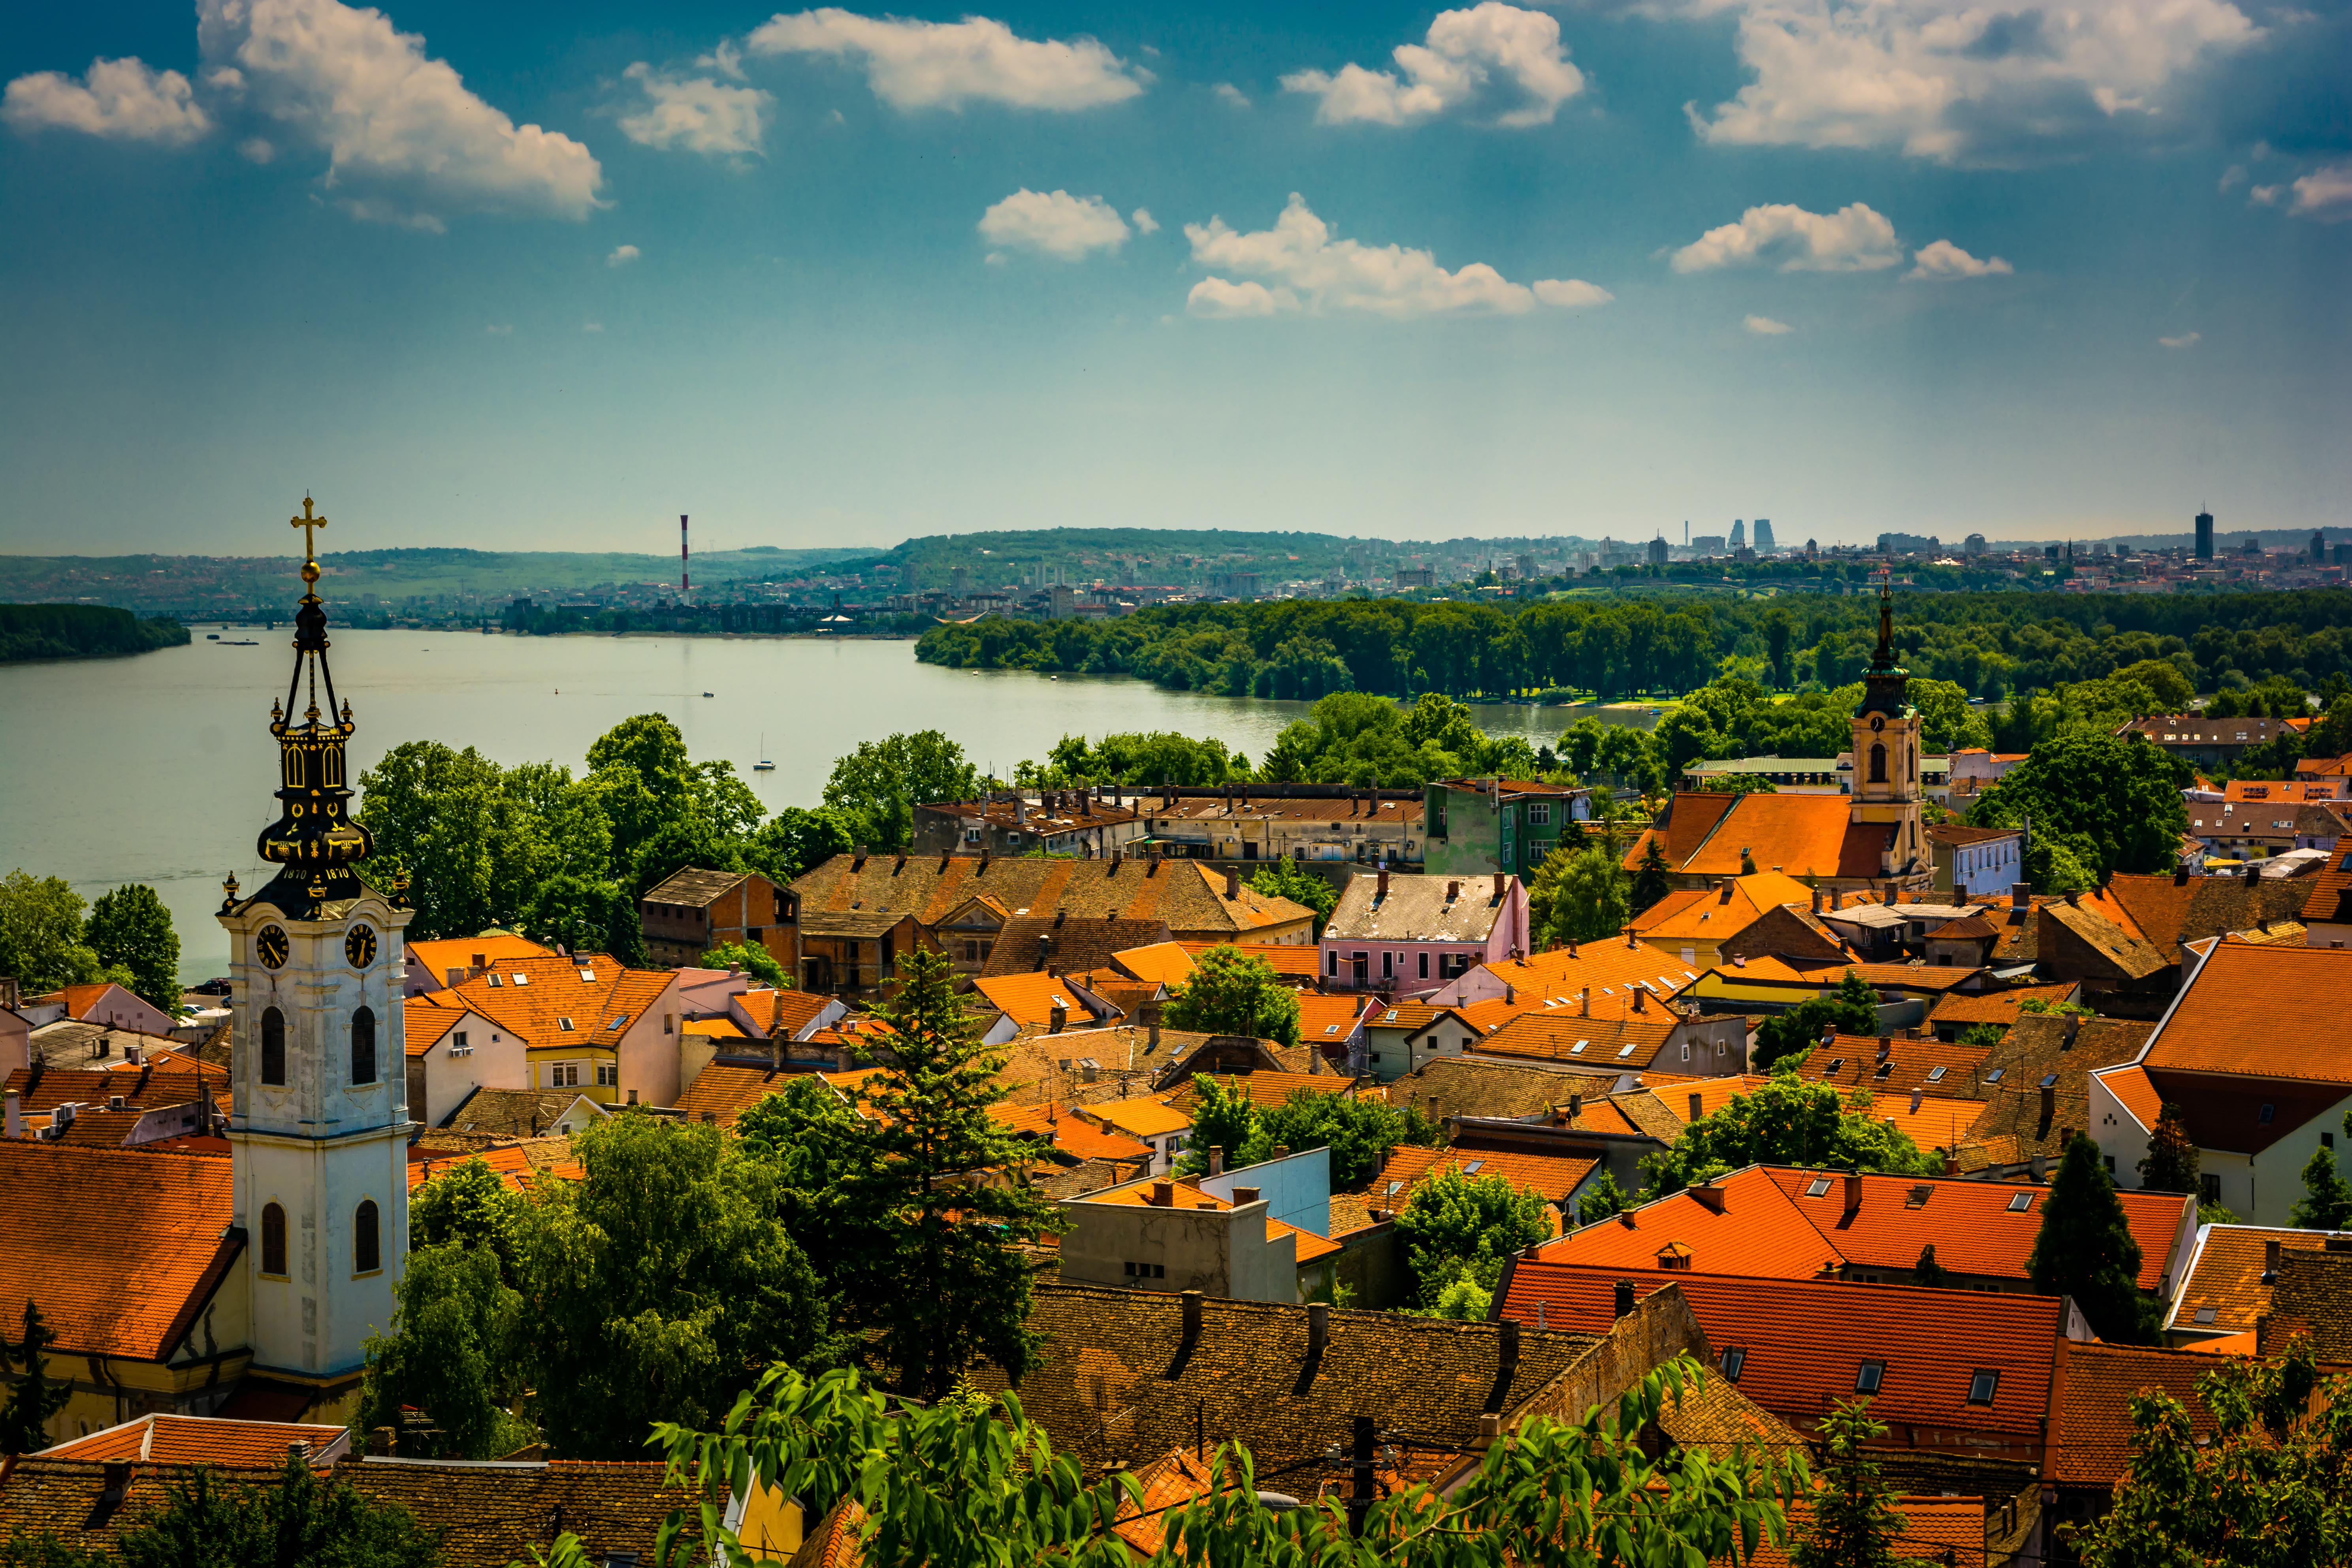 Белград, столица Сербии, ВНЖ которой могут получить иностранцы